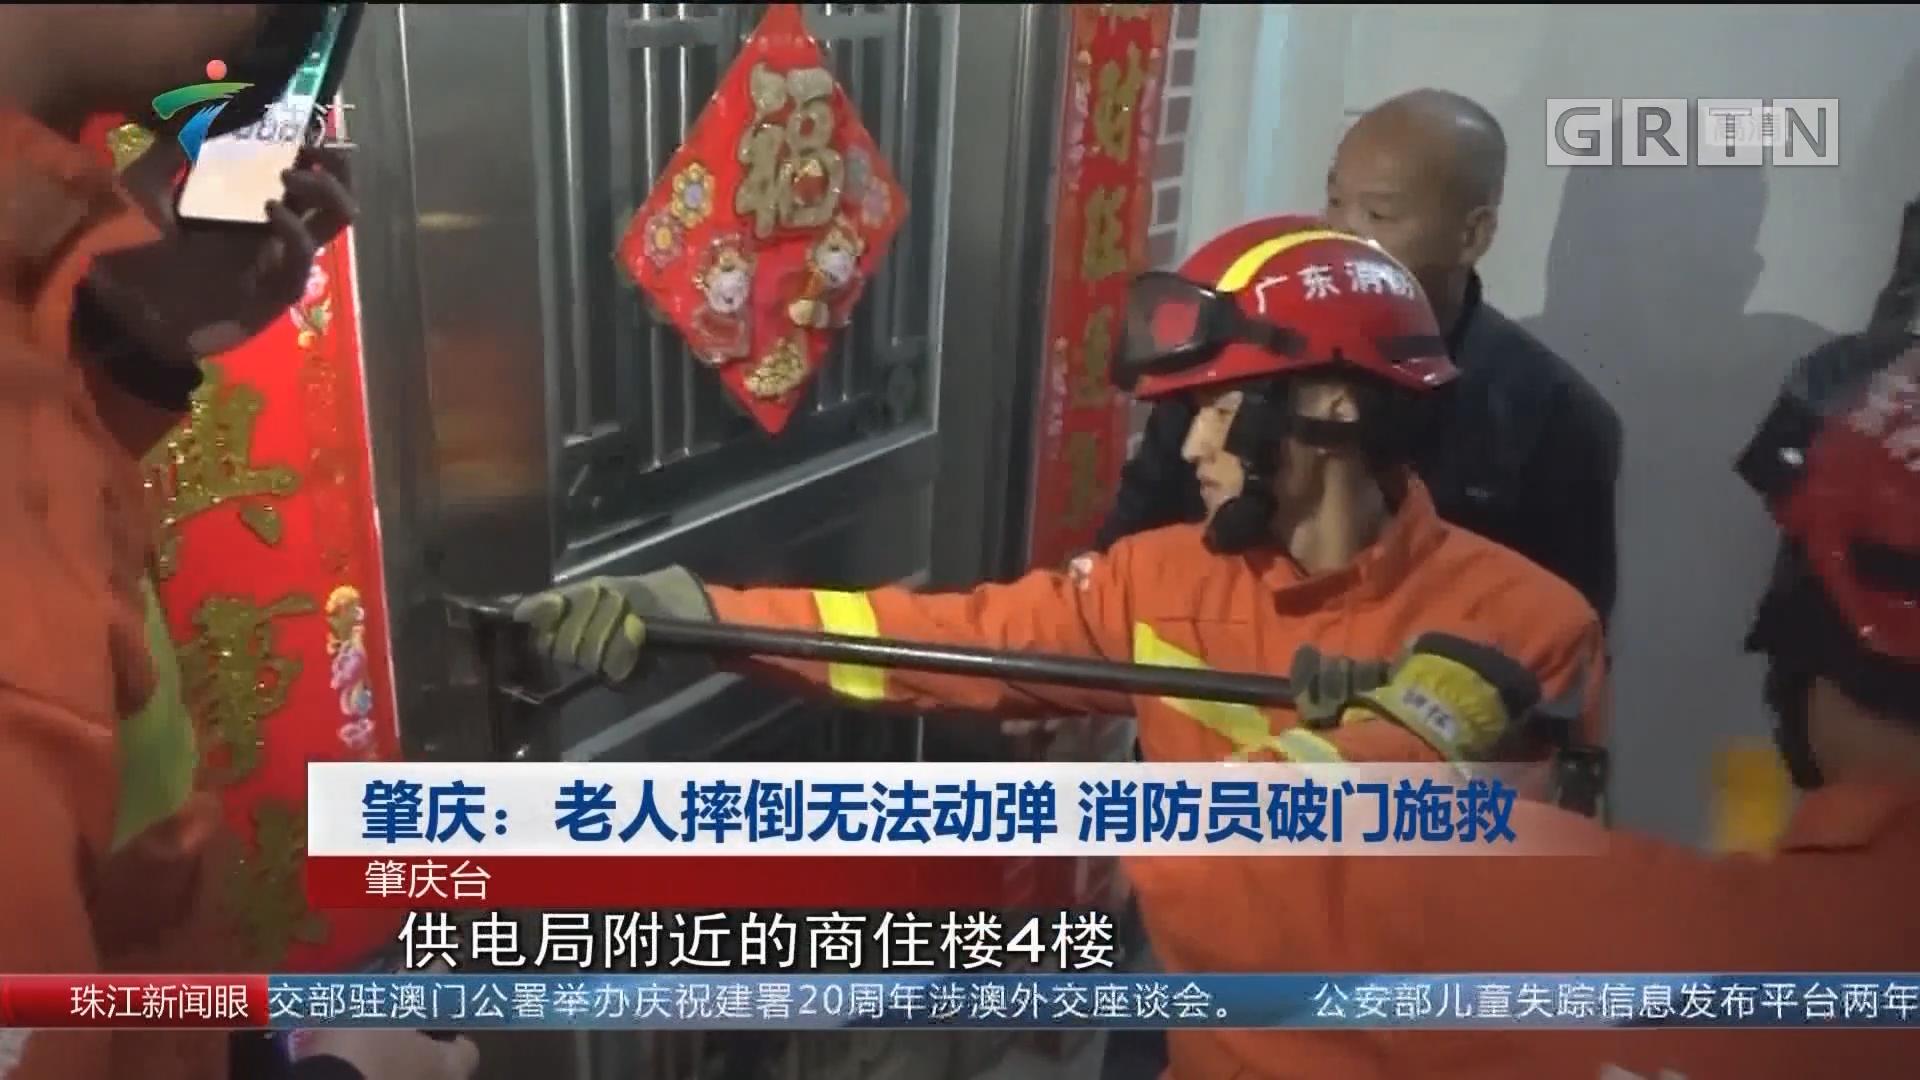 肇庆:老人摔倒无法动弹 消防员破门施救